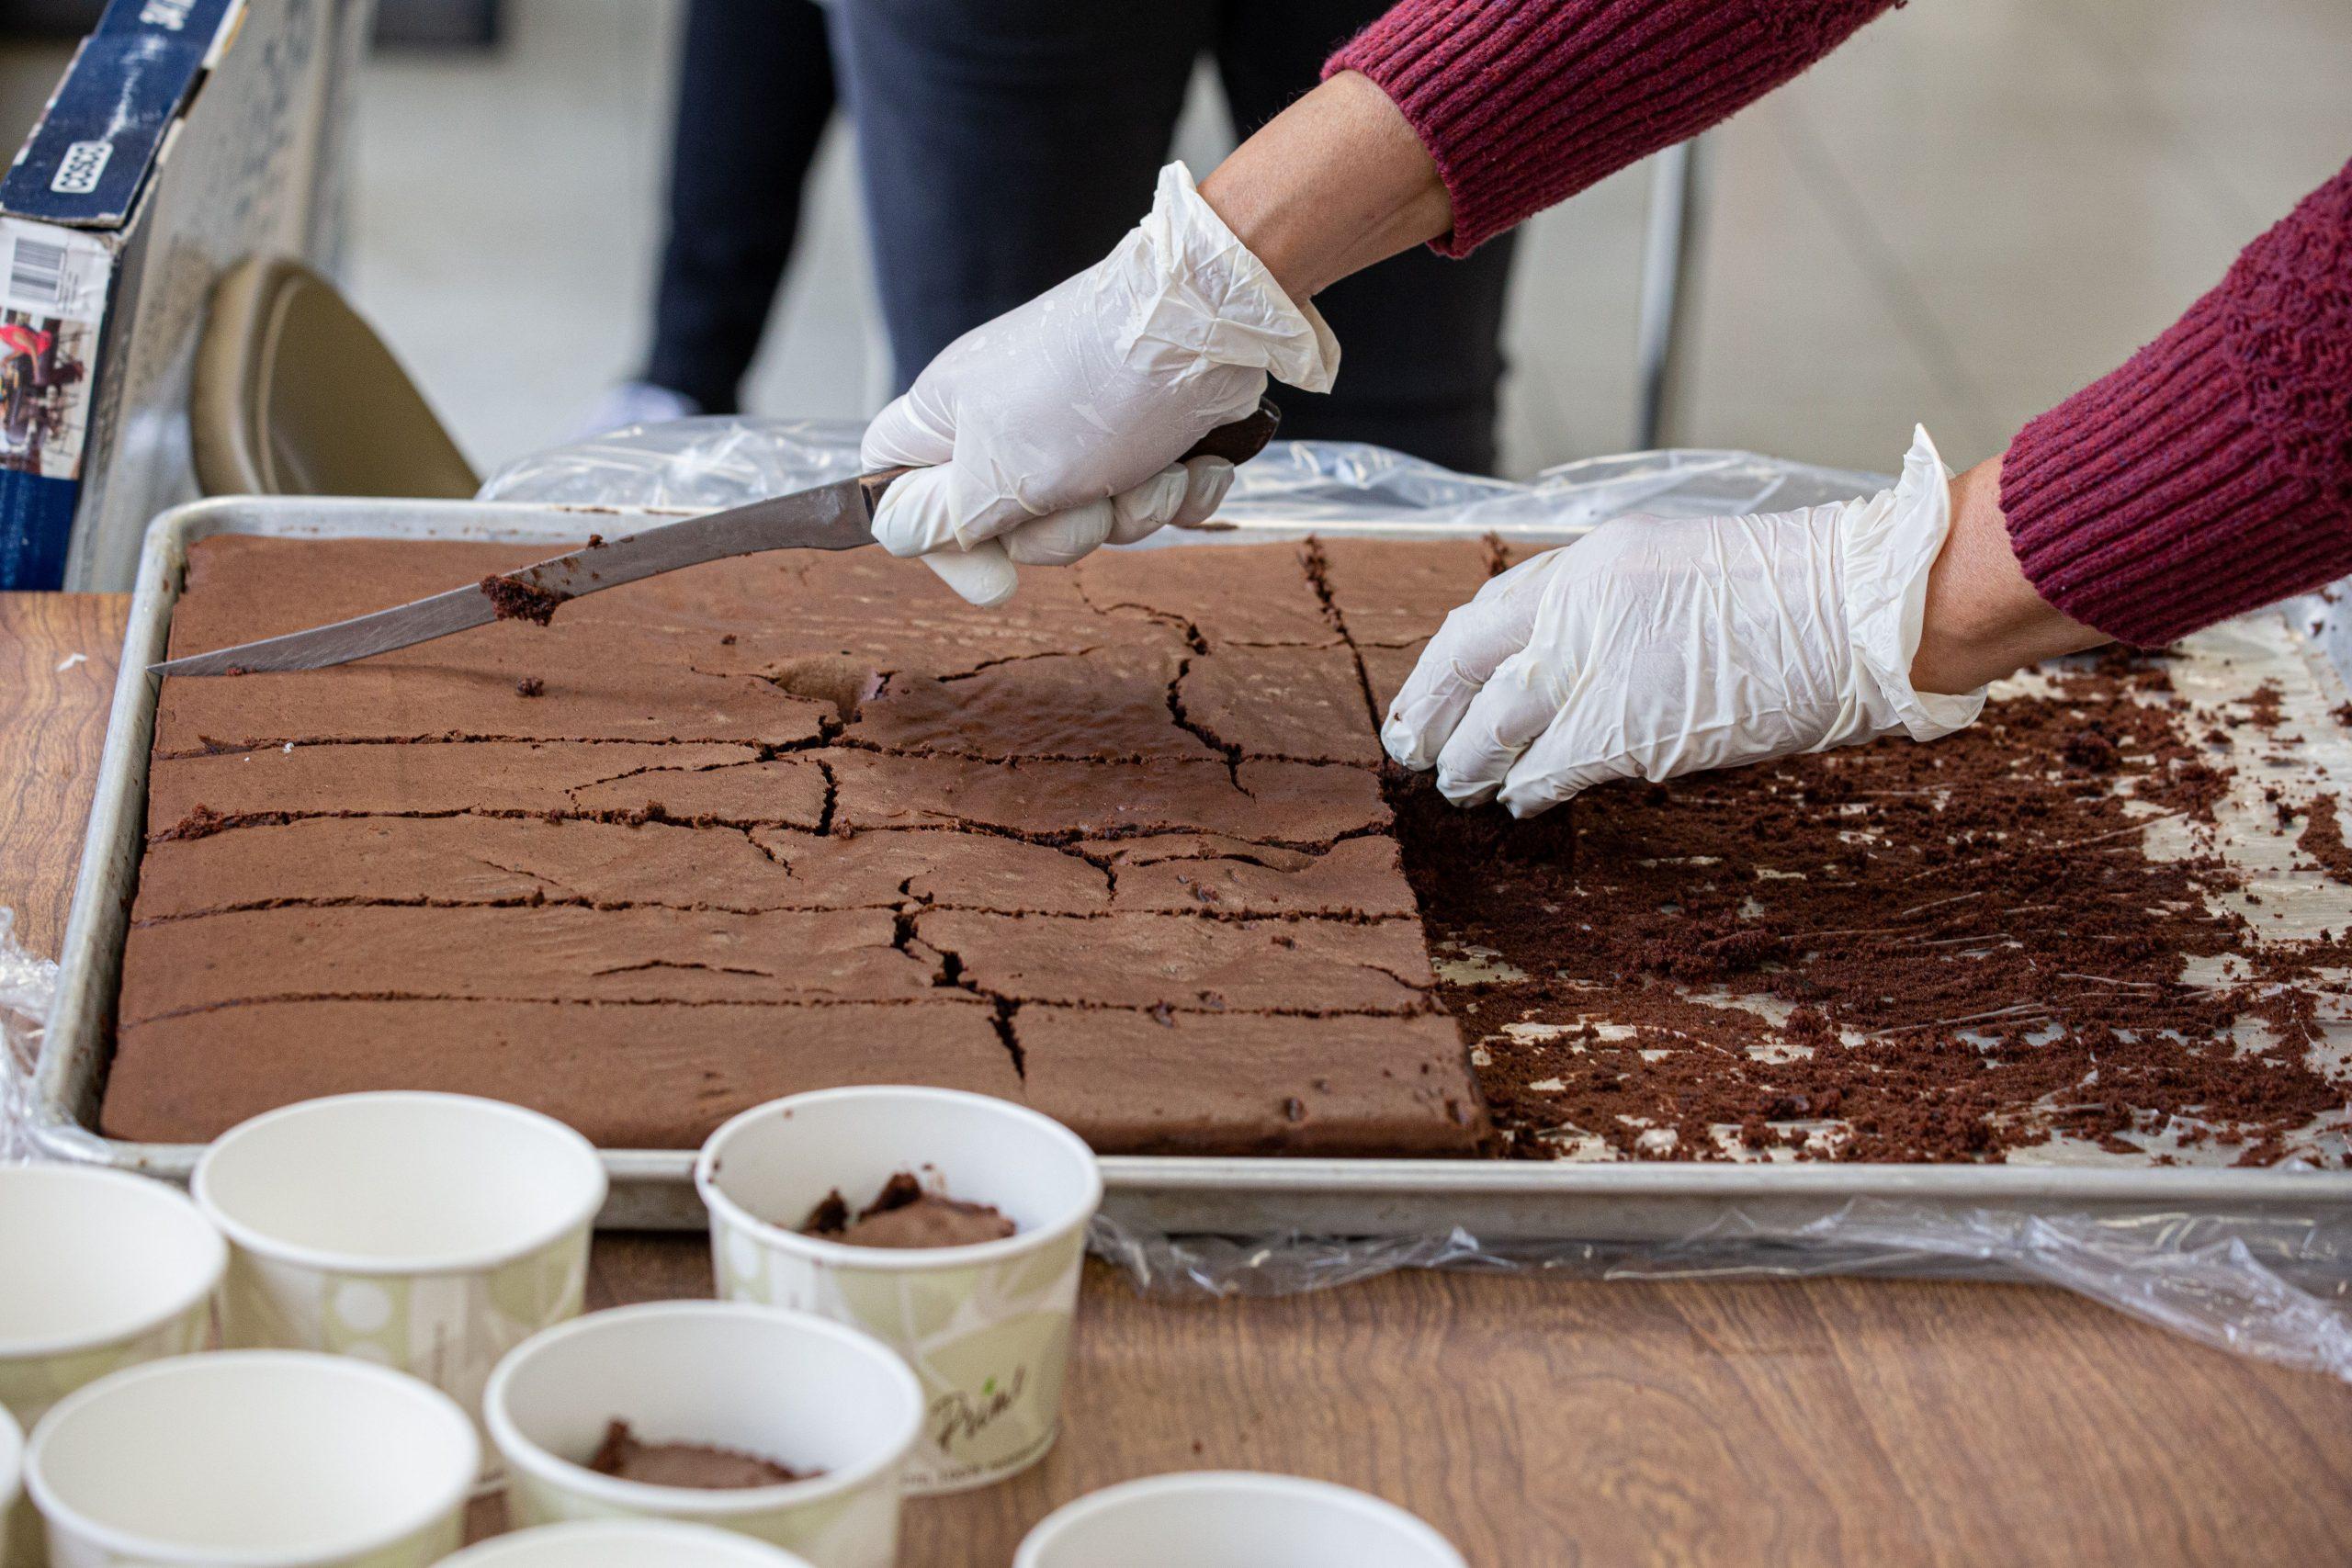 Volunteer cutting up brownies